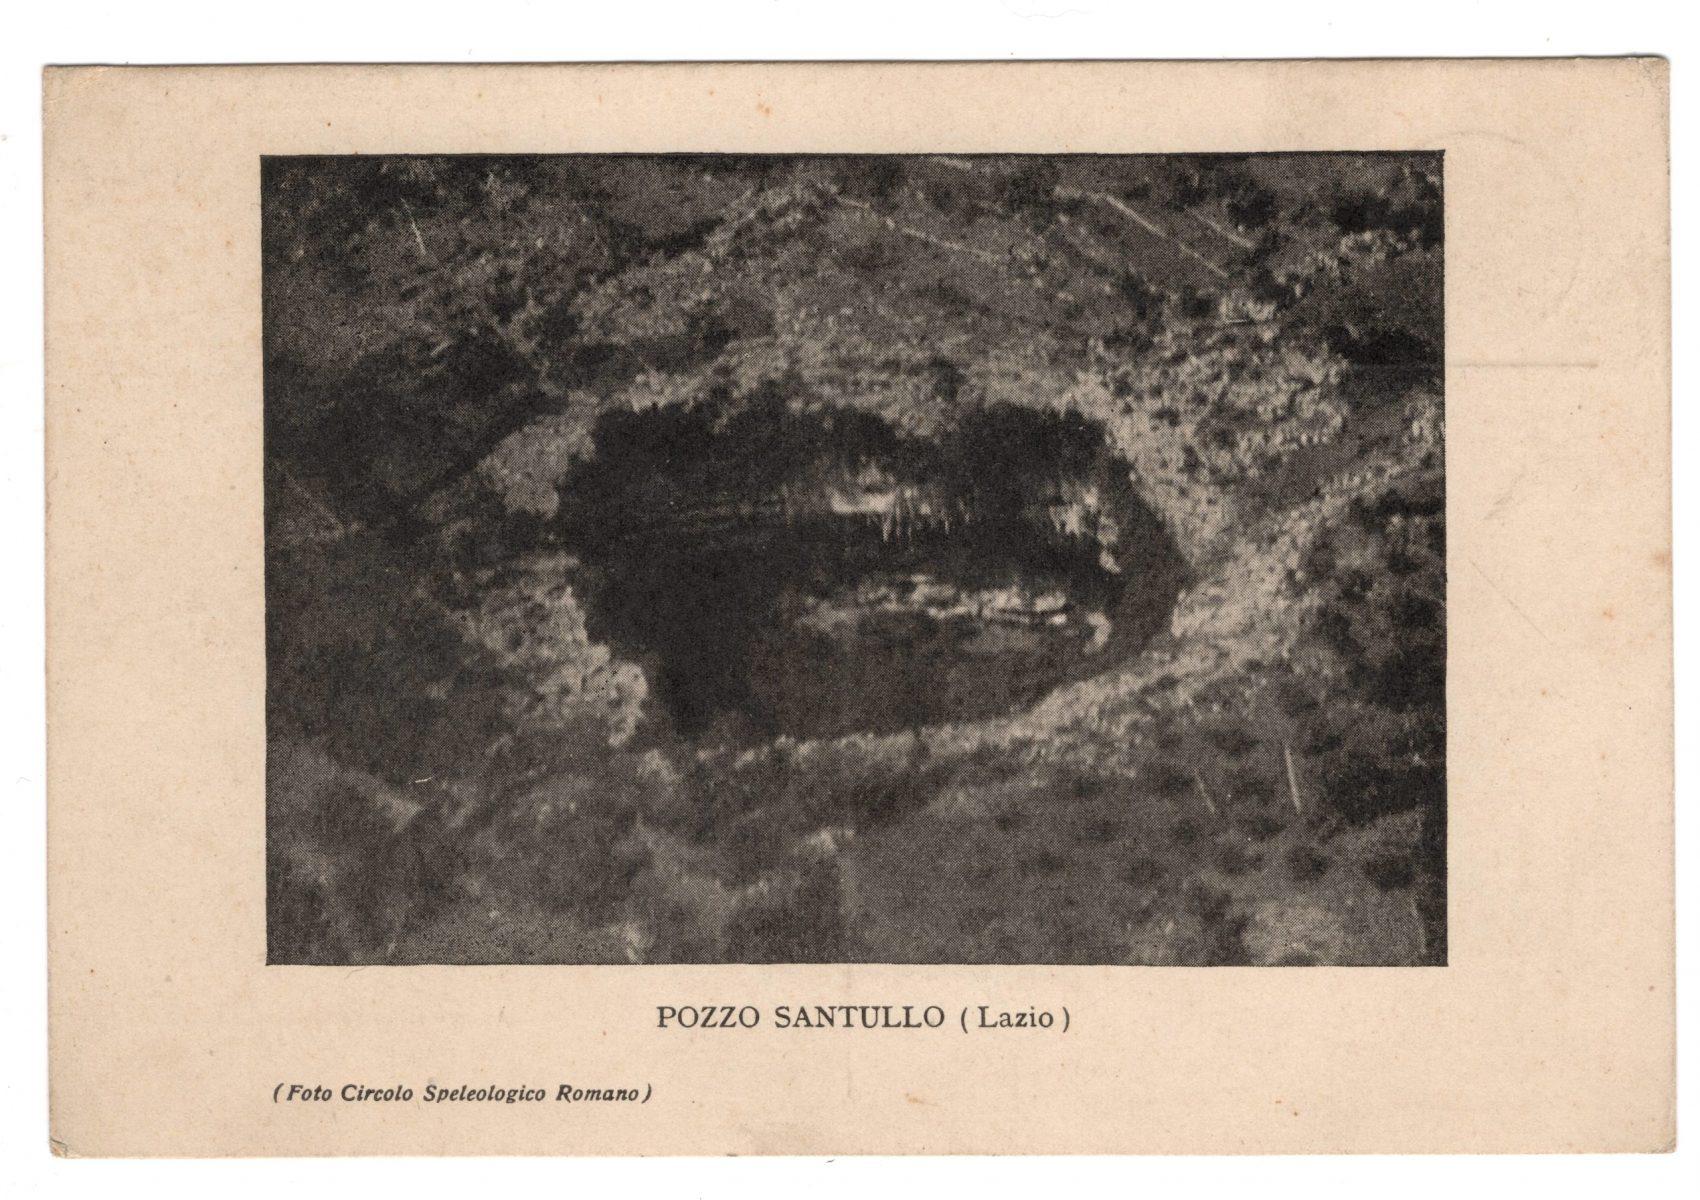 Cartolina Pozzo Santullo, recto (Archivio fotografico CSR)